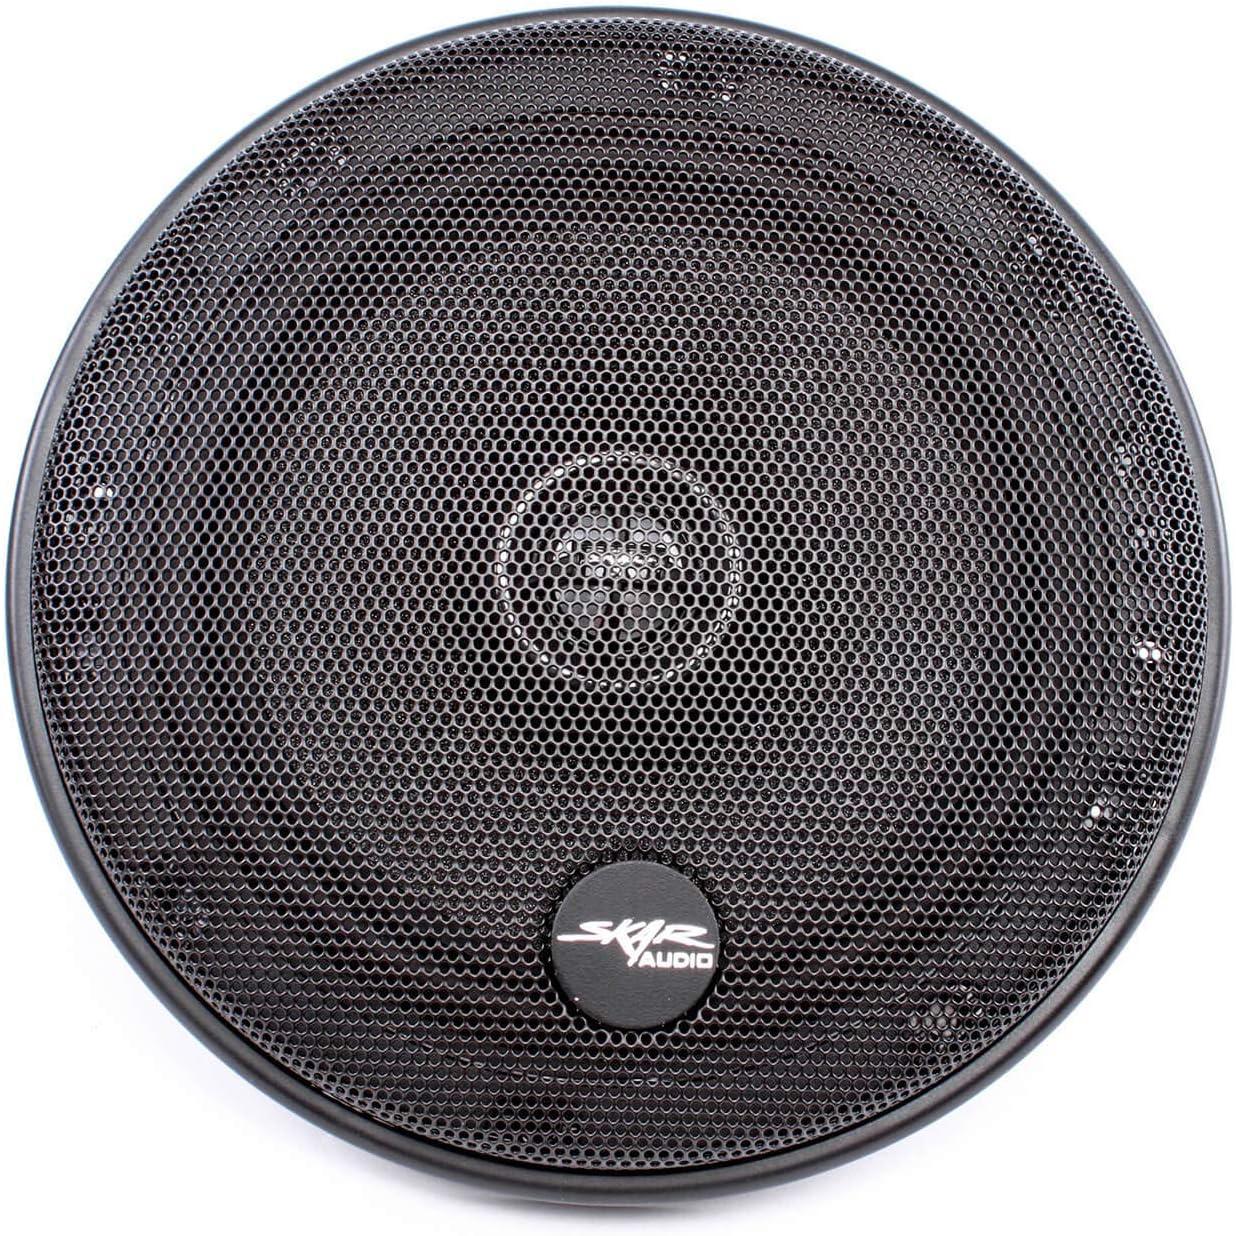 Skar Audio RPX Series Complete Speaker Upgrade Package Fits 2002-2009 Gmc Envoy